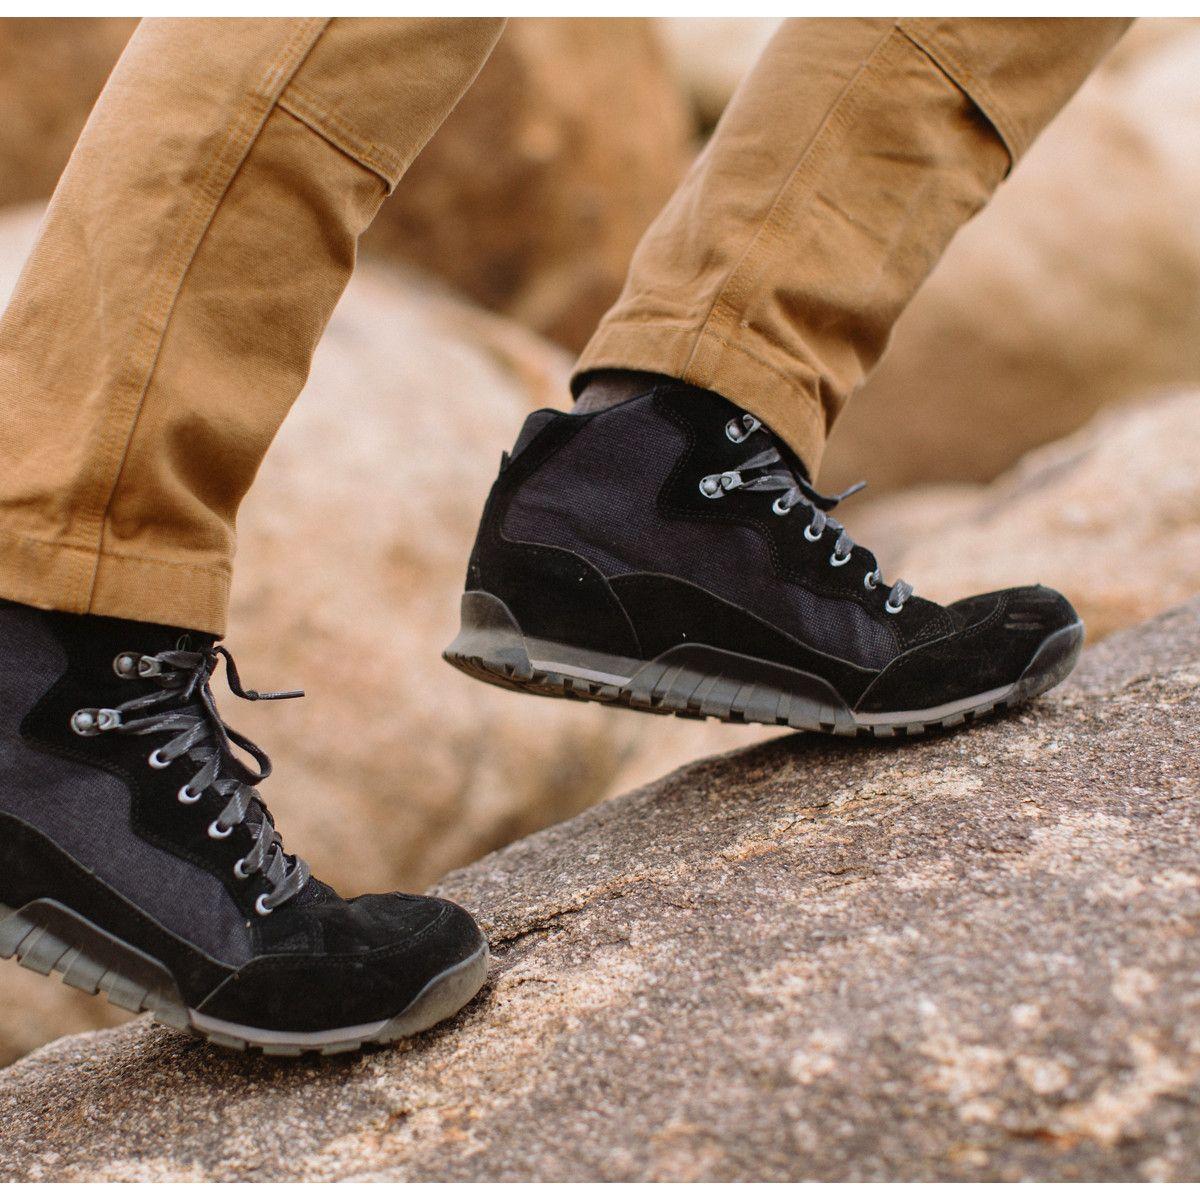 danner skyridge boots